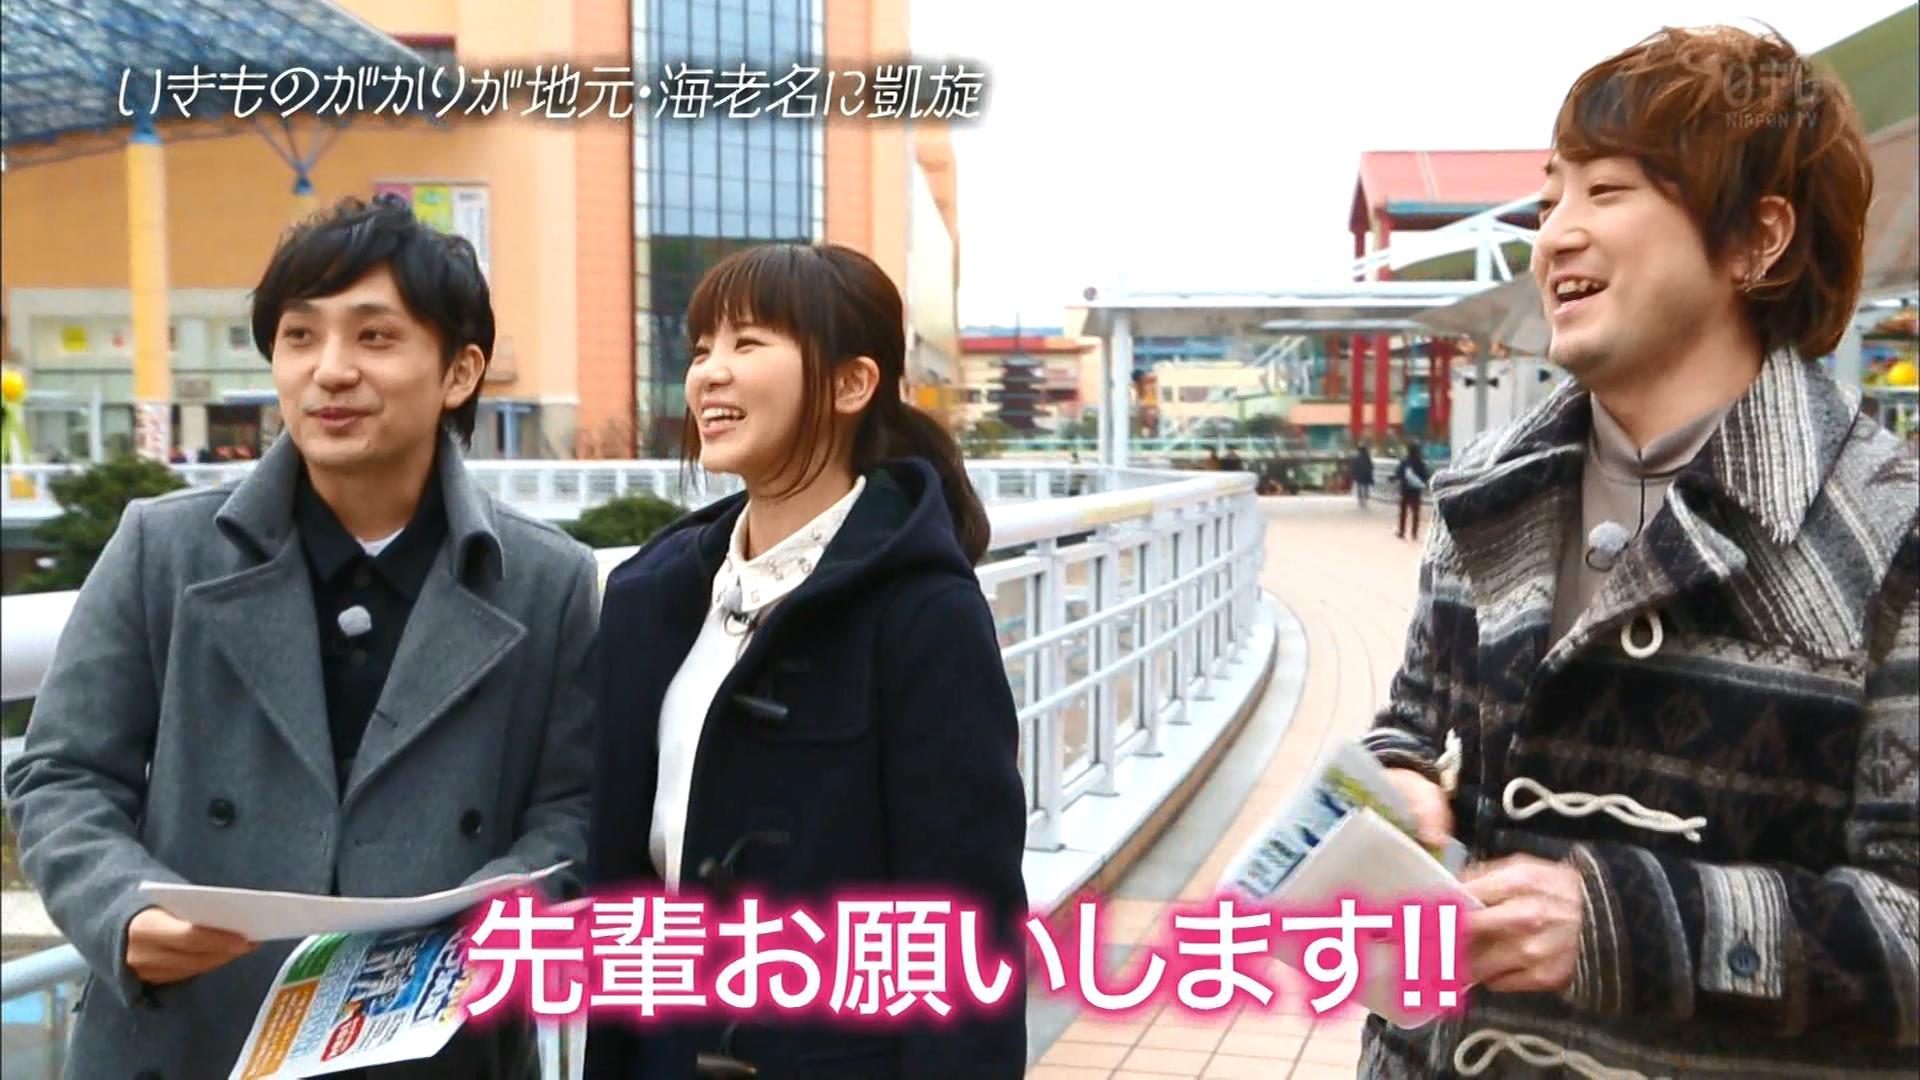 2016.03.13 全場(おしゃれイズム).ts_20160314_010359.631